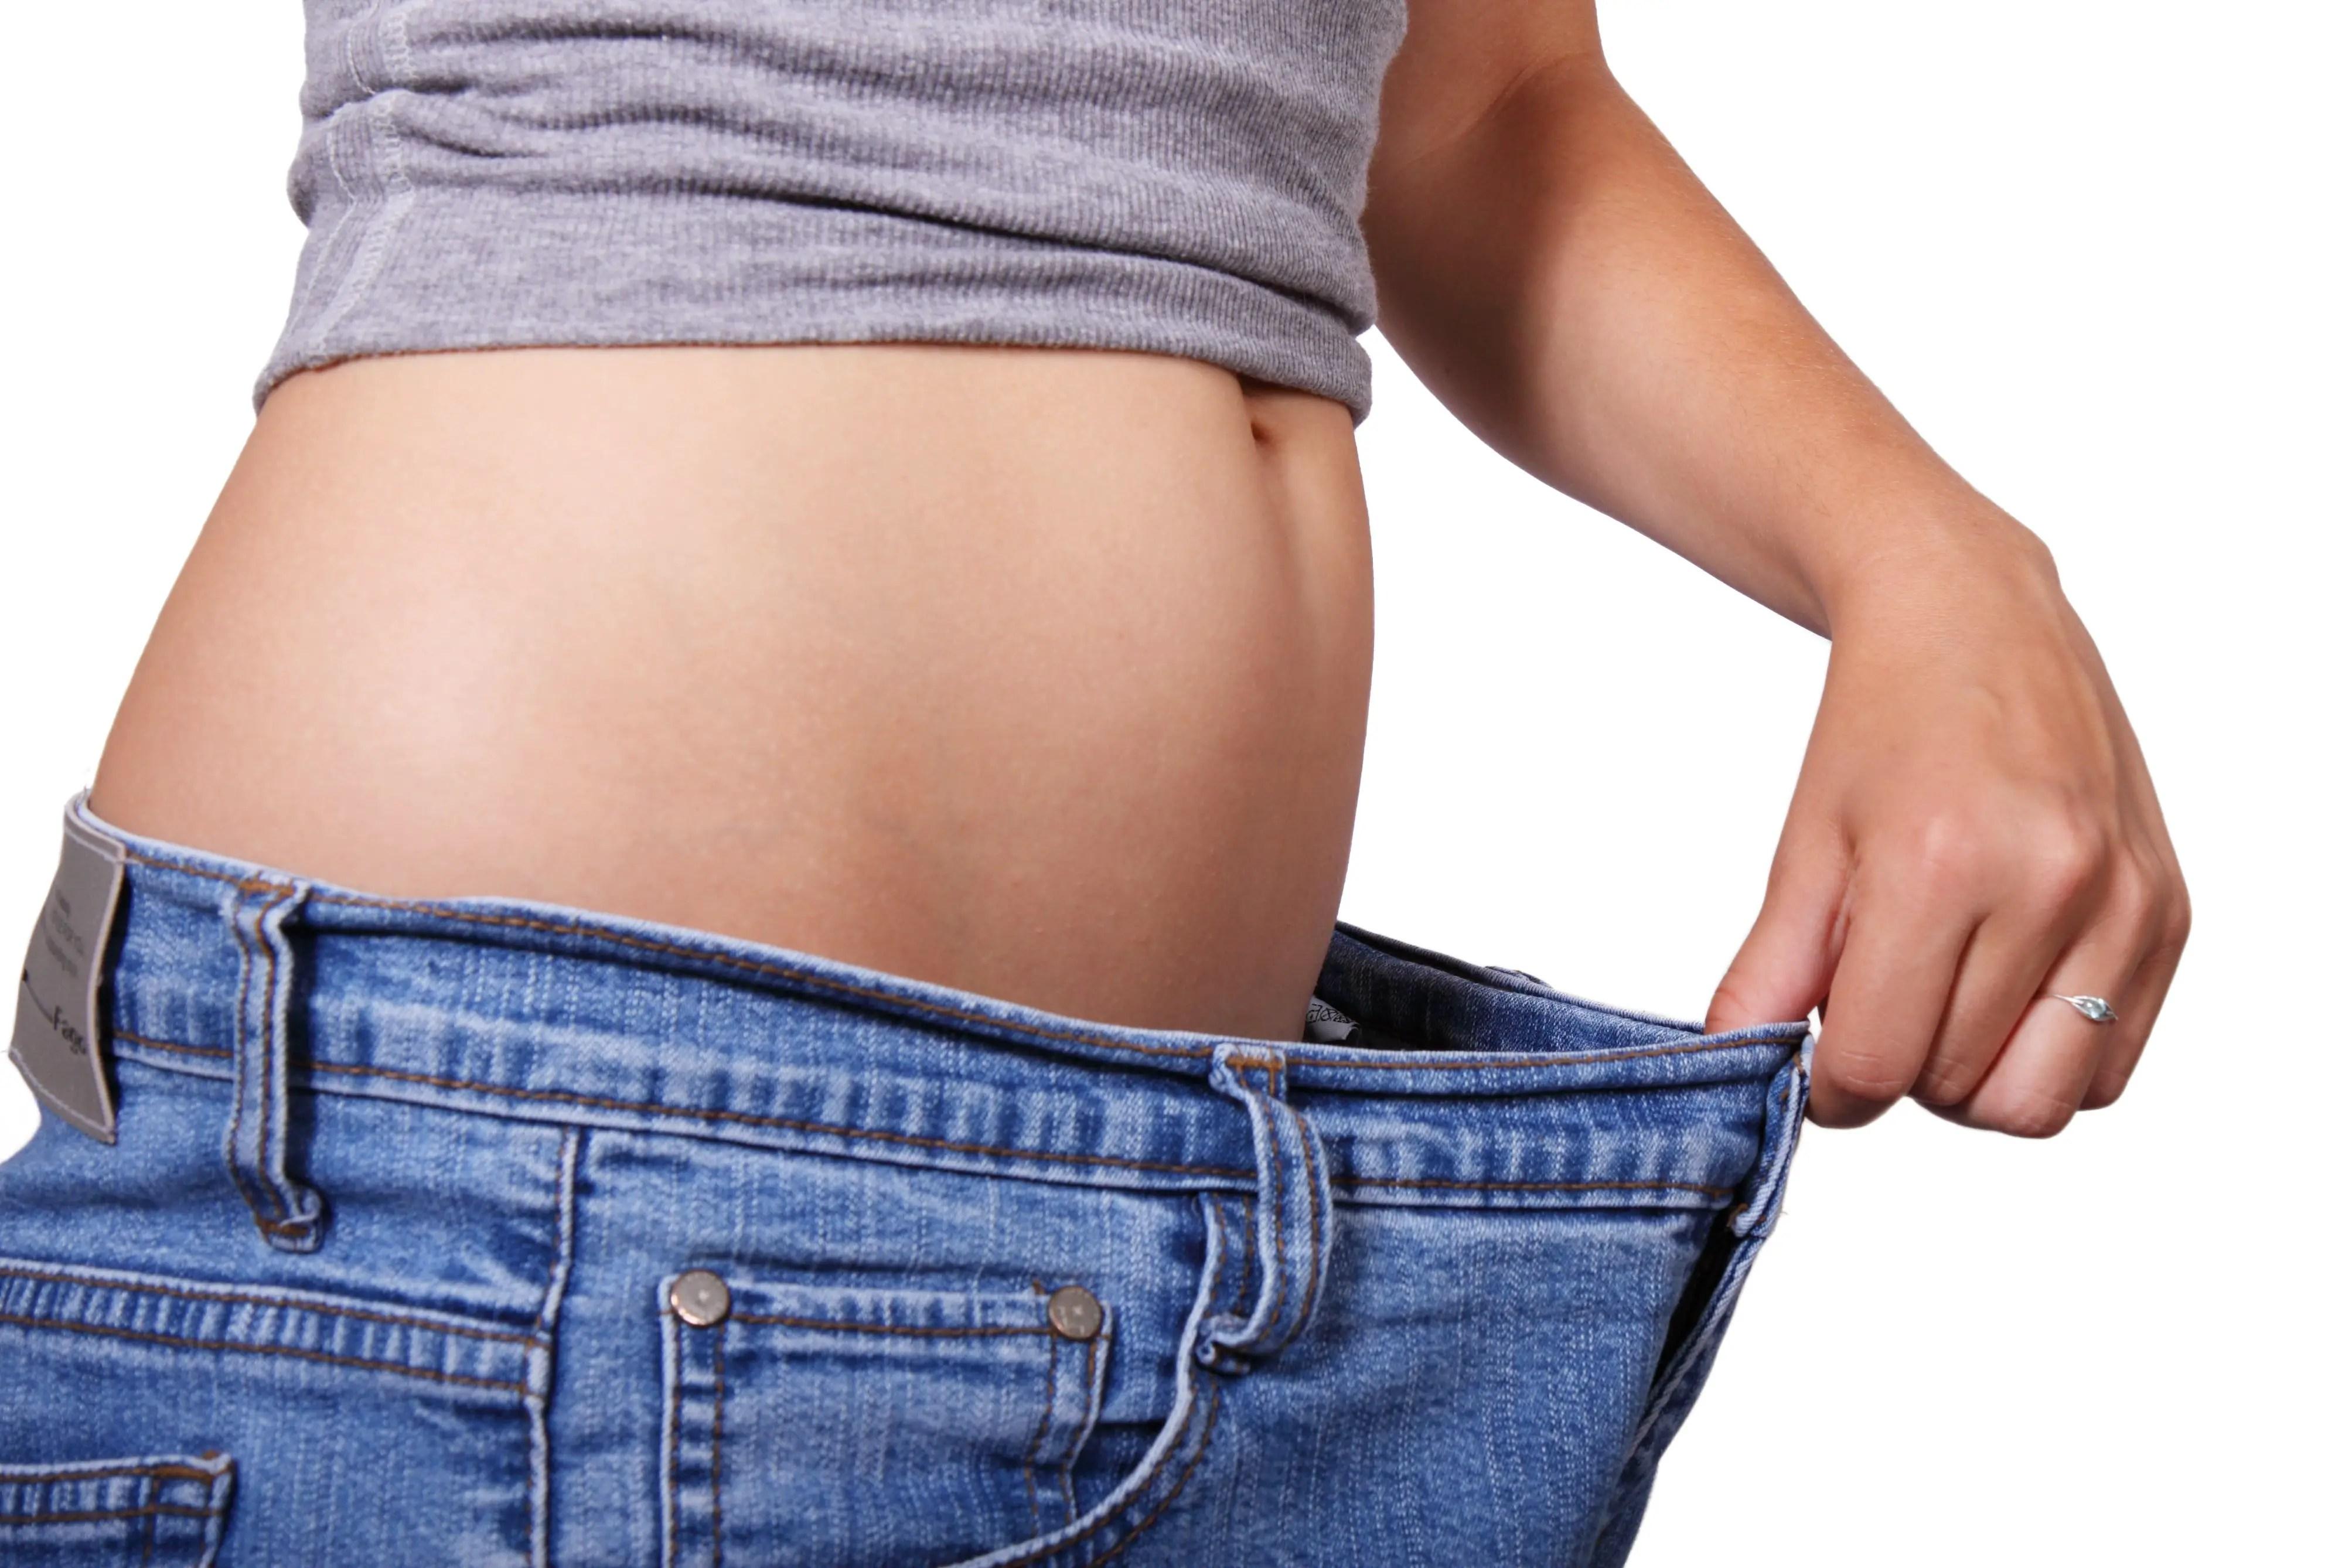 10 Flat Belly Foods That Taste Good